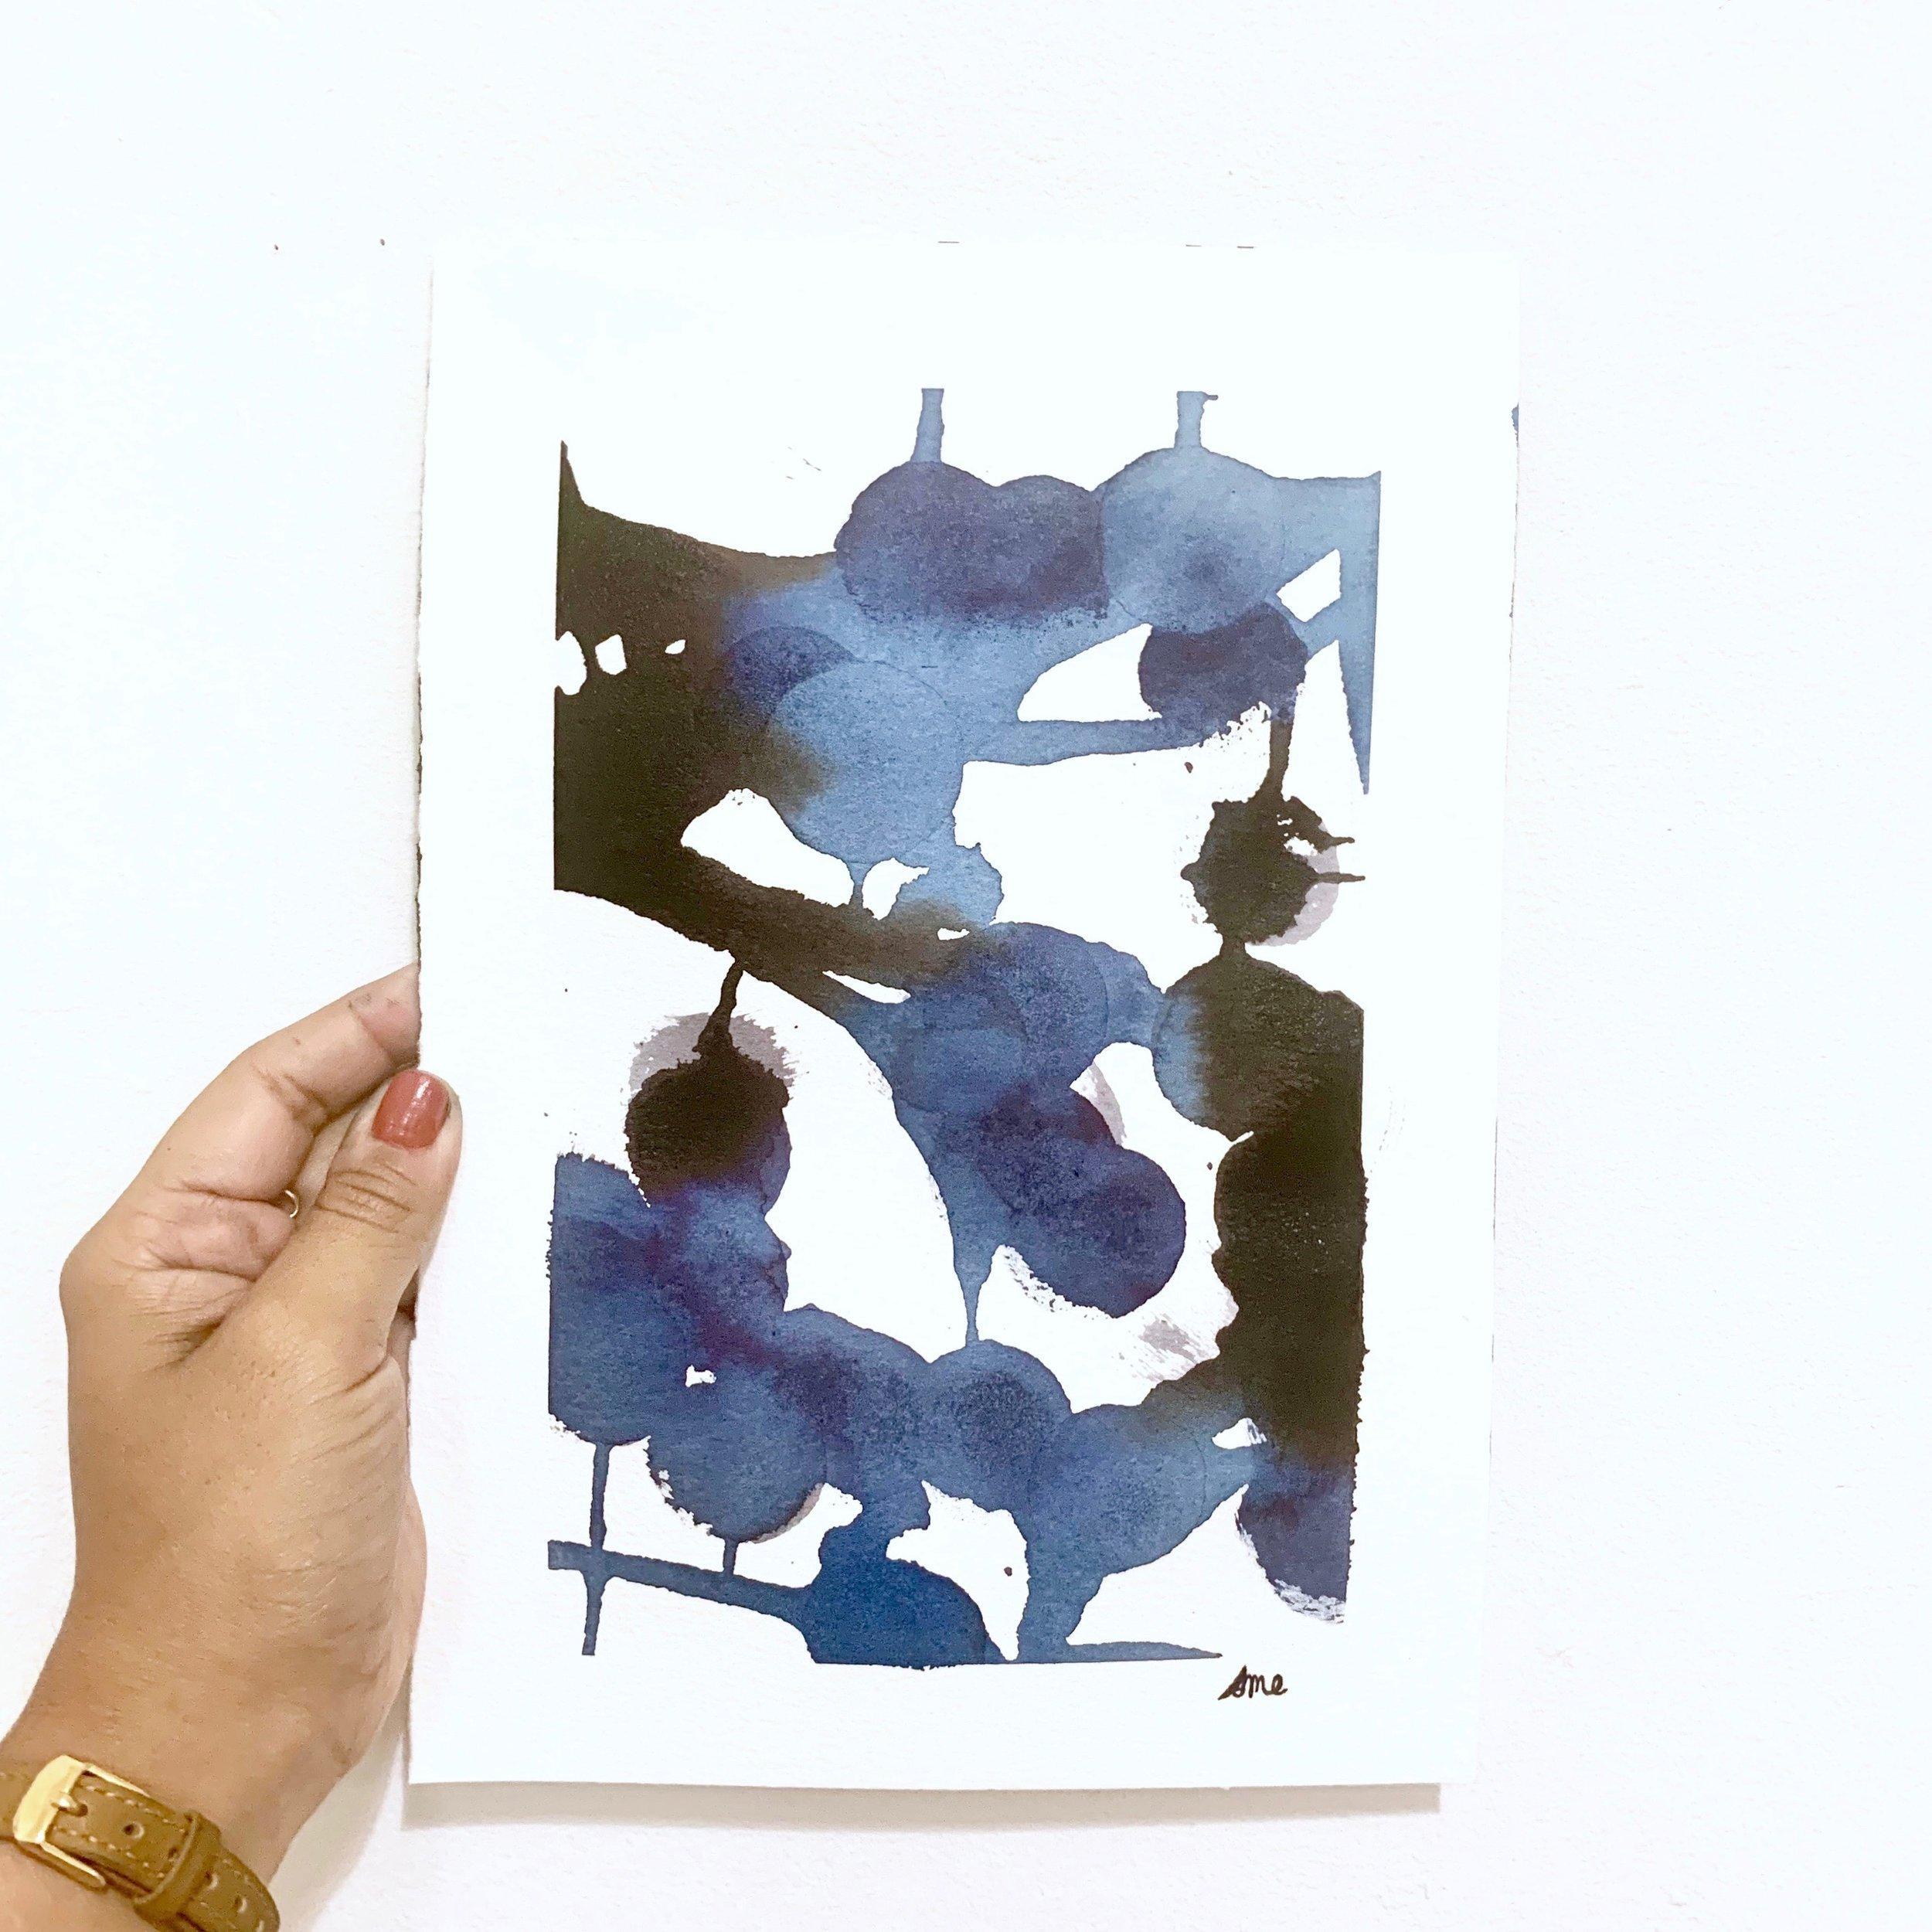 shibori-indigo-dyed-obsessed-12.jpeg